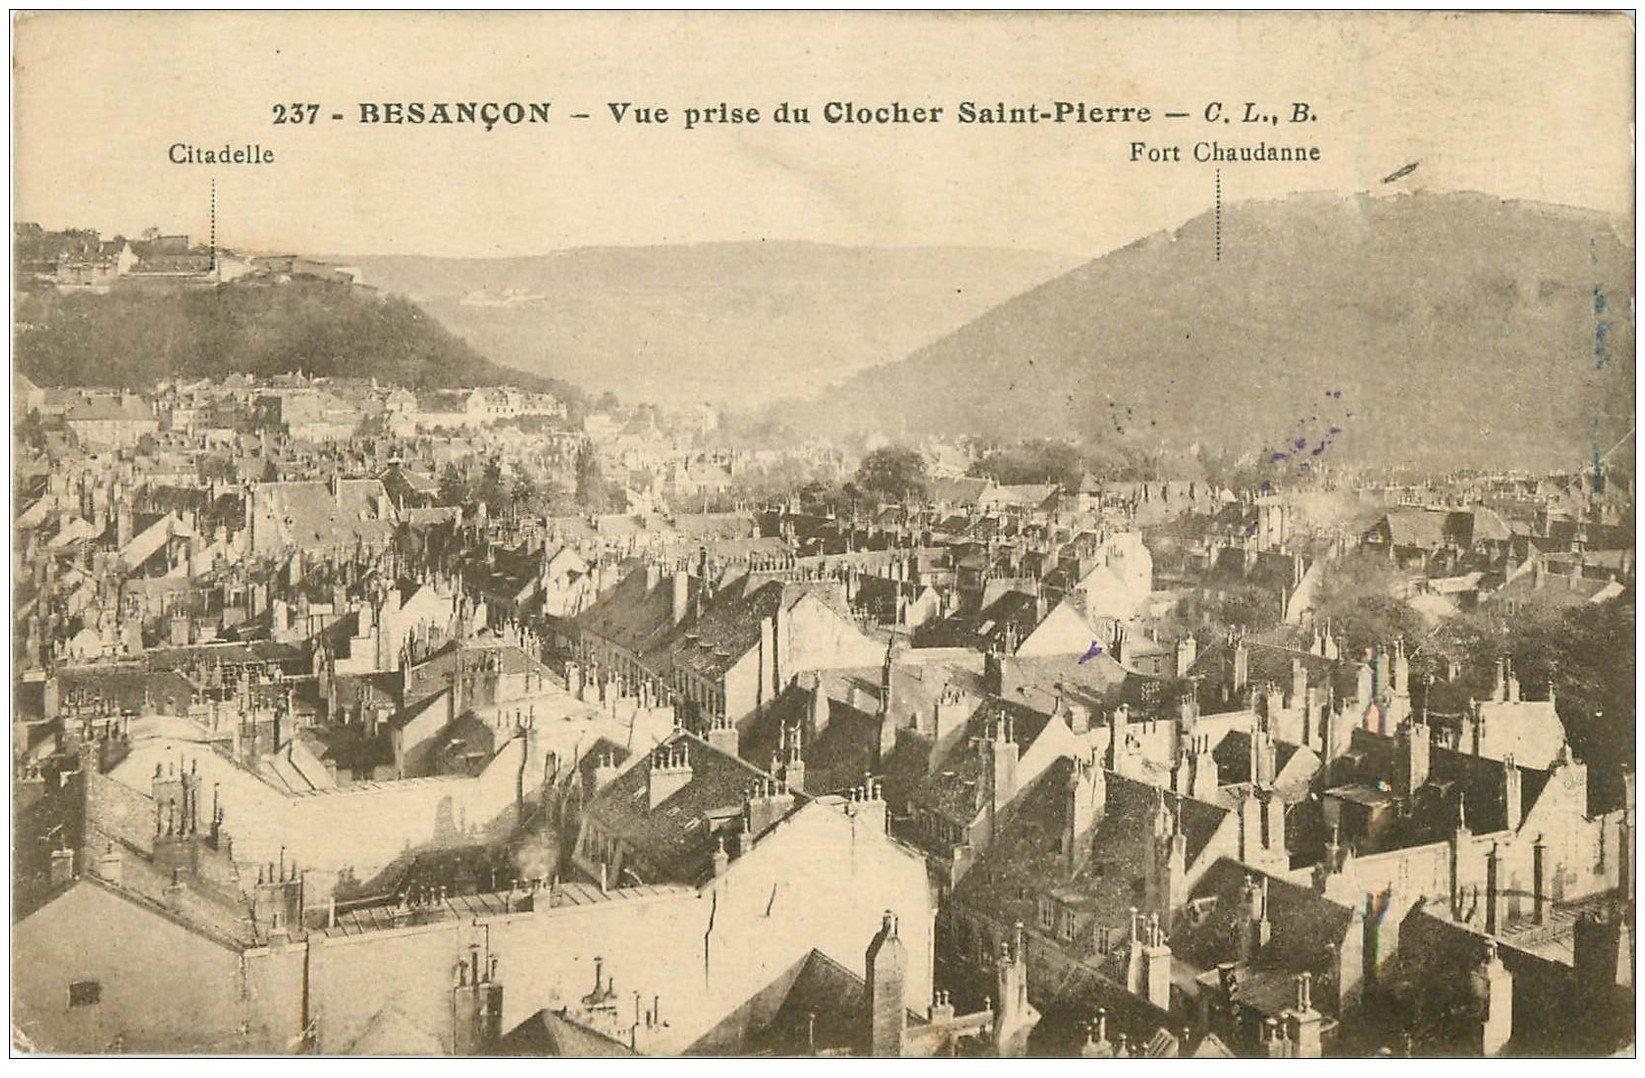 25 besancon vue prise du clocher saint pierre tampon for 25 besancon